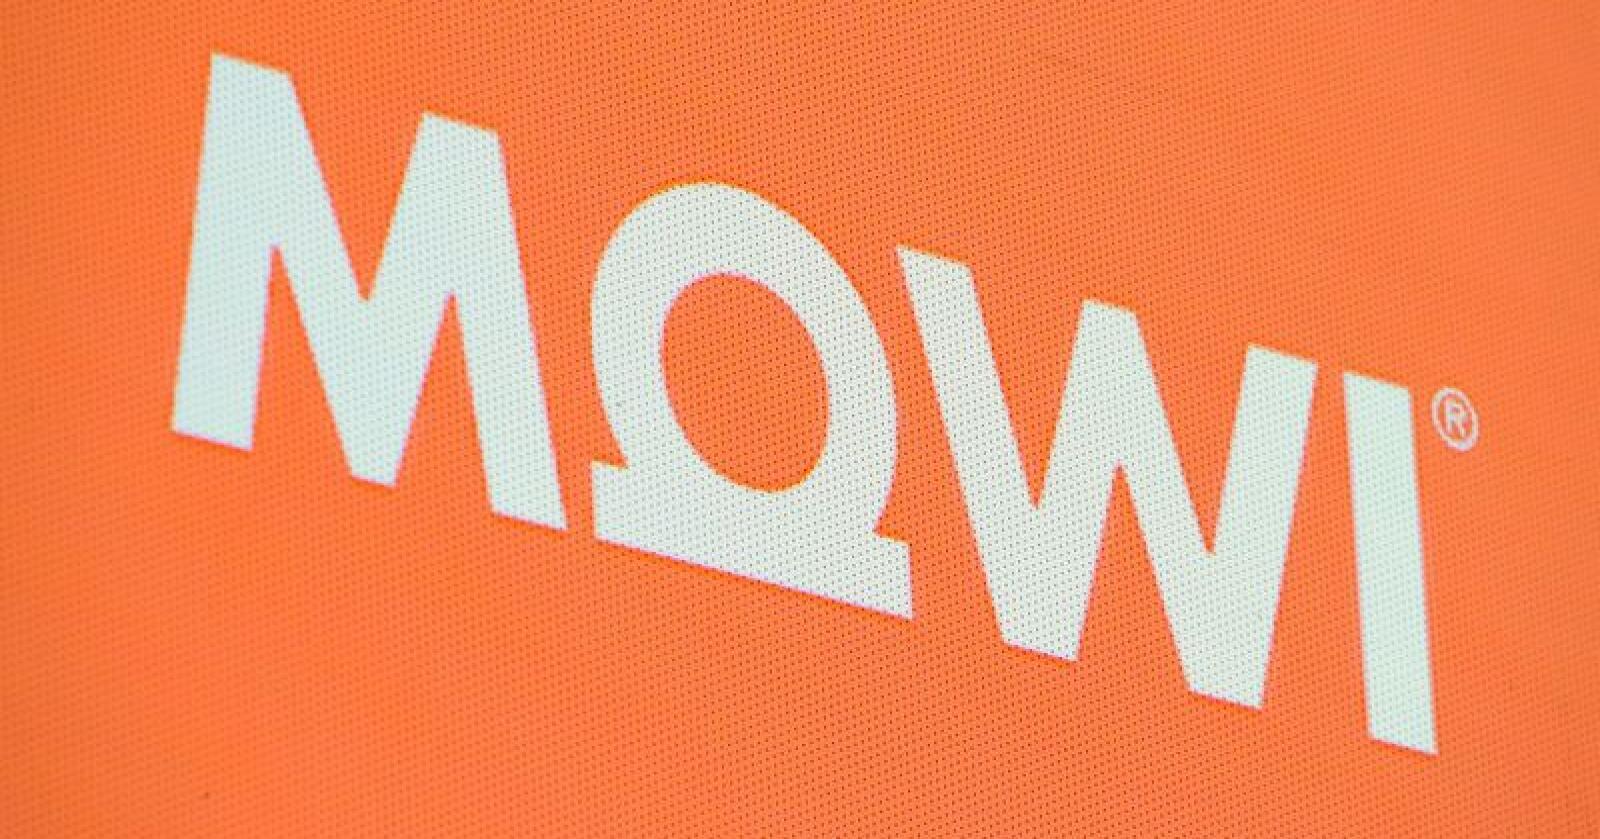 Mowi er et av tre norske lakseselskaper som nå settes under etterforskning i USA, etter mistanke om ulovlig prissamarbeid. Selskapene har også fått varsel om massesøksmål fra andre aktører i USA. Arkivfoto: Lise Åserud / NTB scanpix